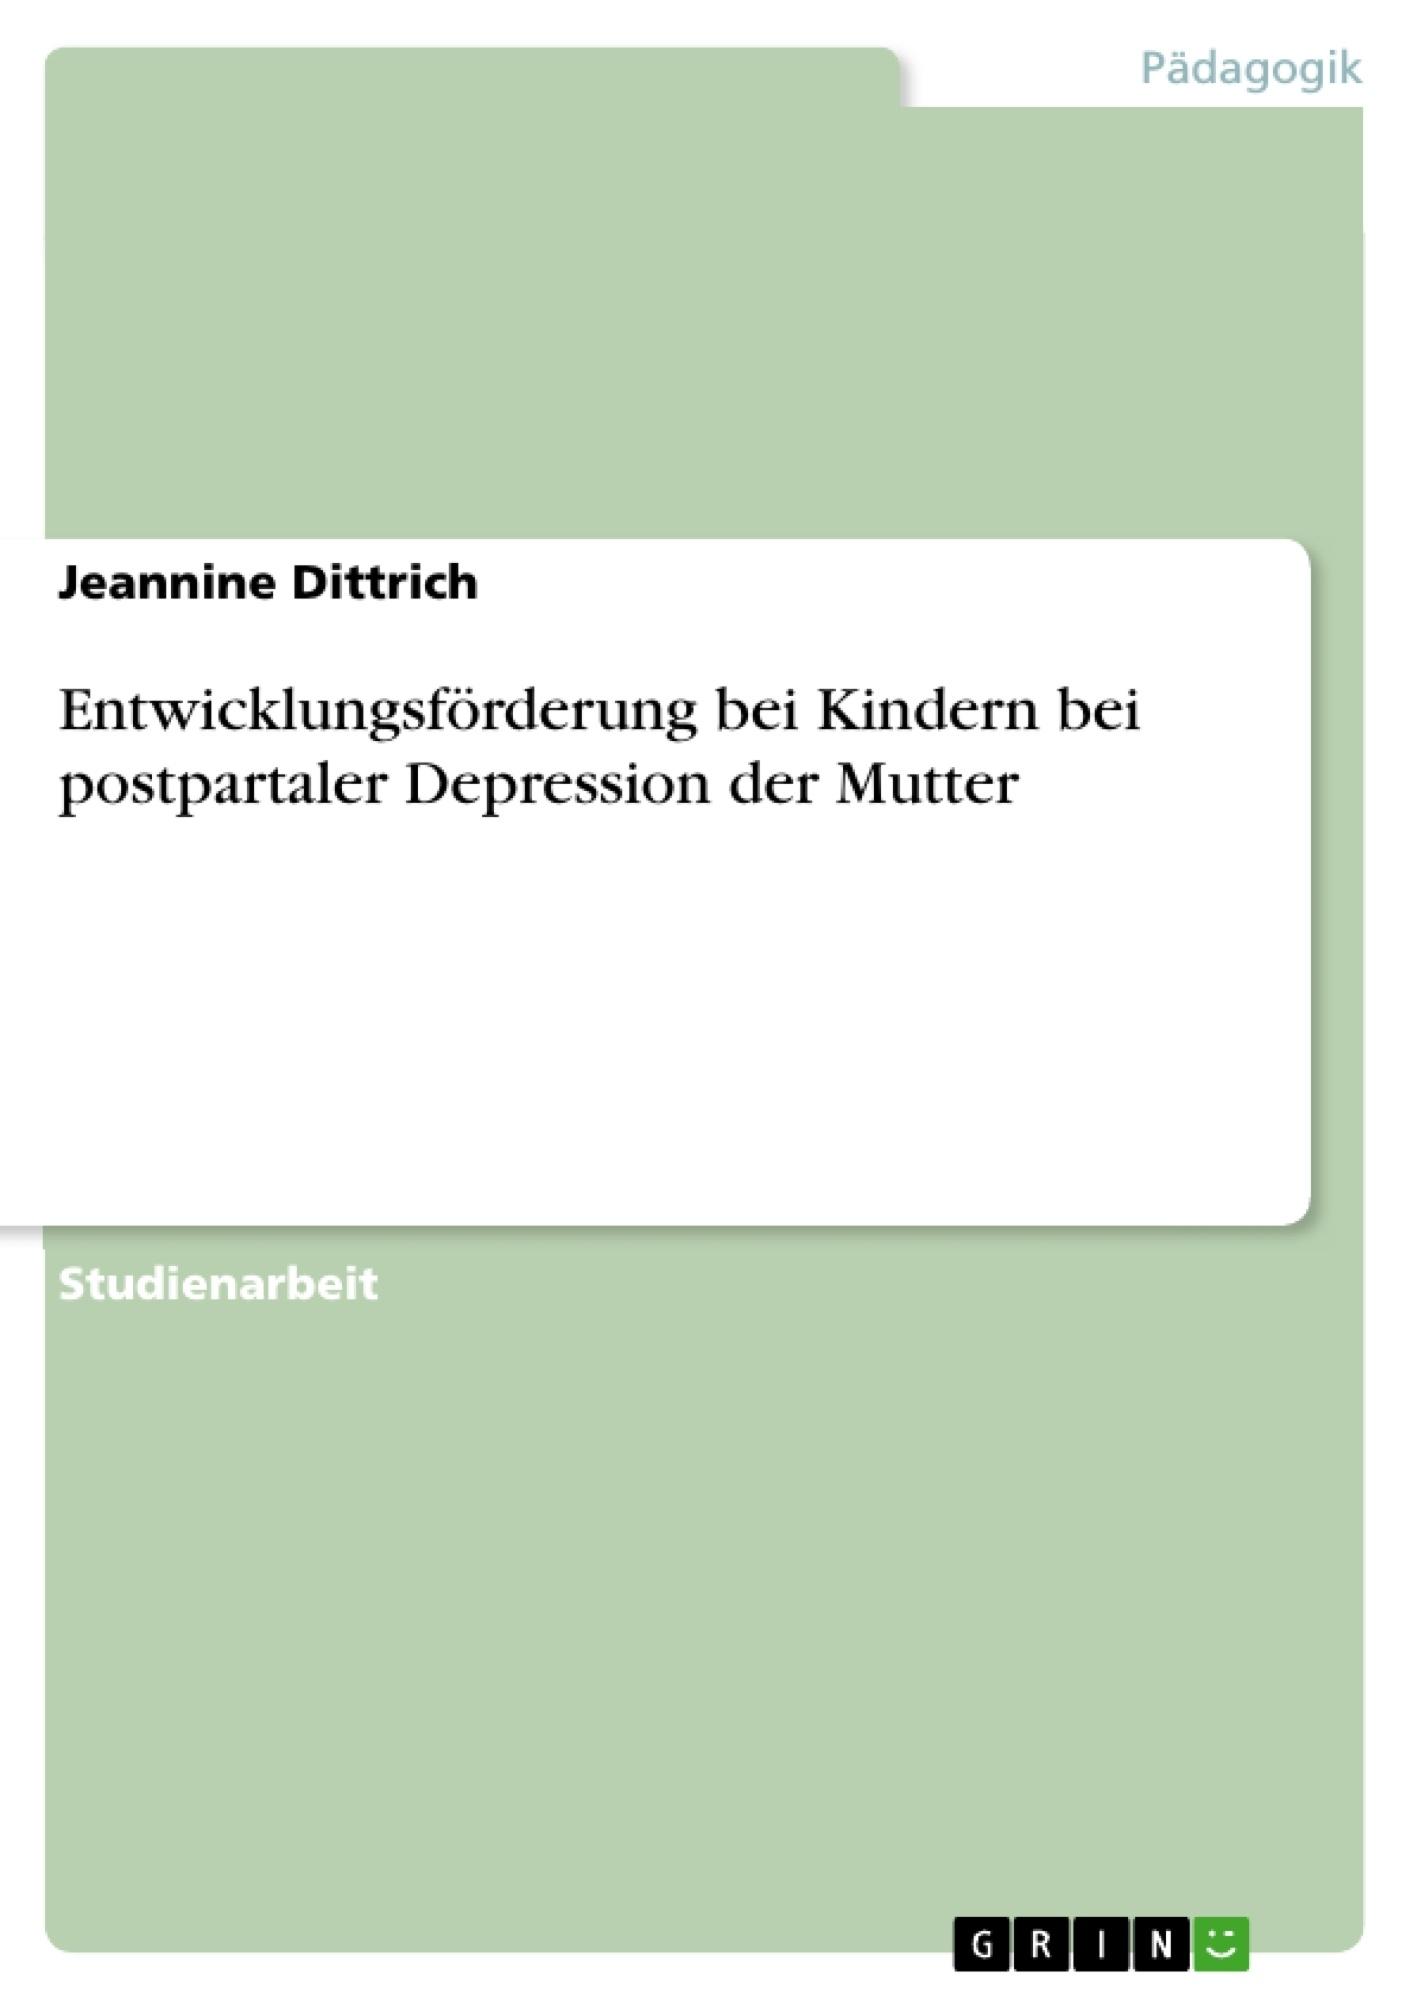 Titel: Entwicklungsförderung bei Kindern bei postpartaler Depression der Mutter